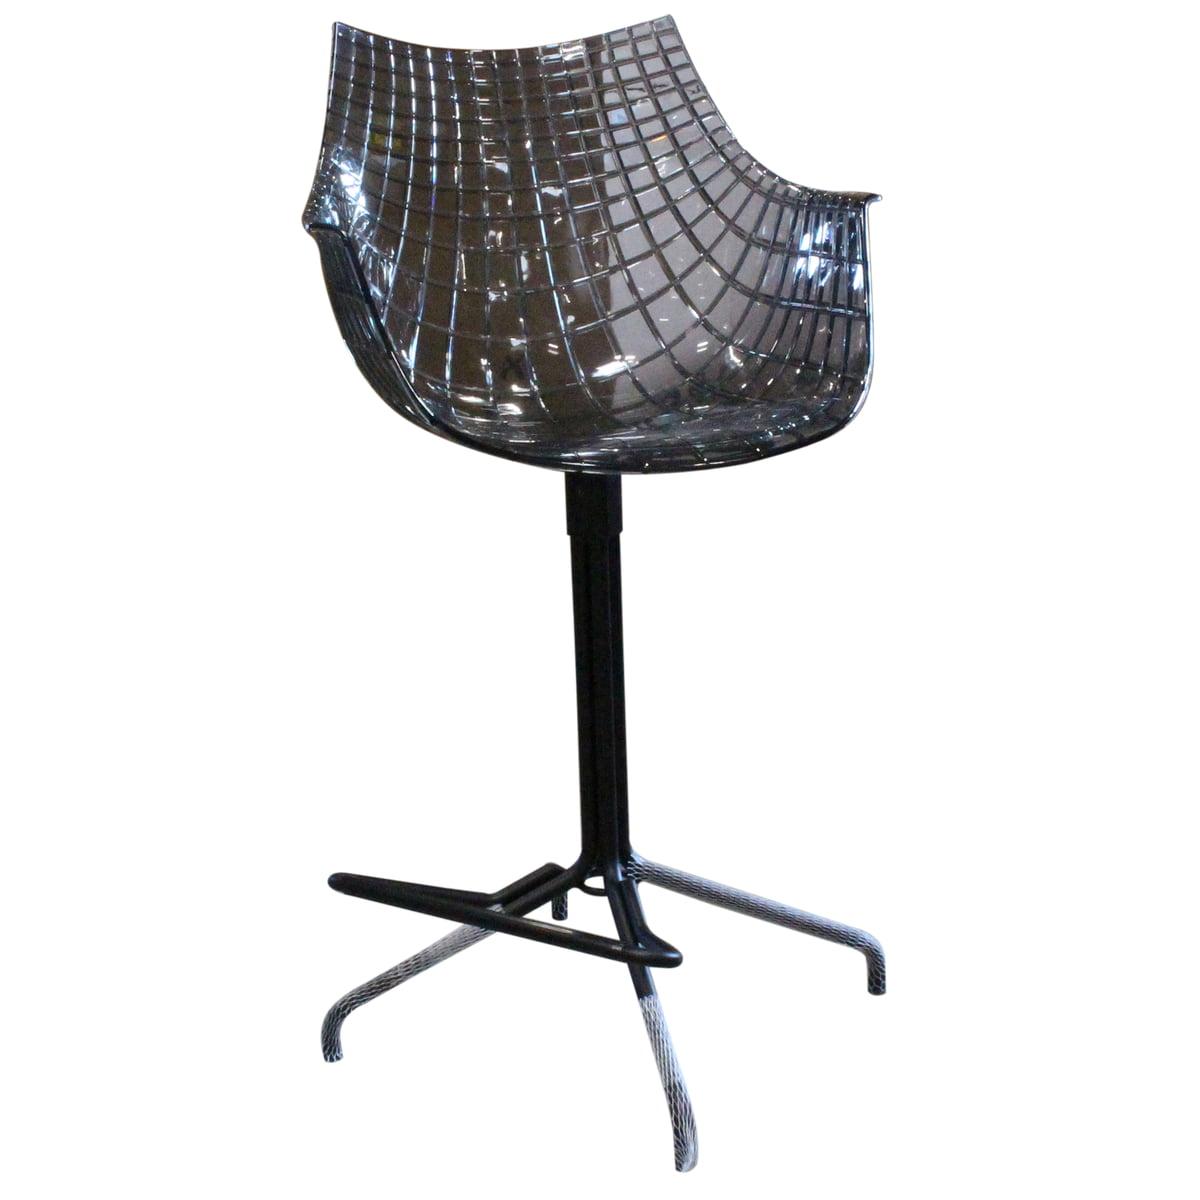 Design Sale - Driade - Meridiana Drehhocker, Sitzhöhe 67 cm, Stahl matt lackiert, schwarz / Sitzfläche transparent, fumé